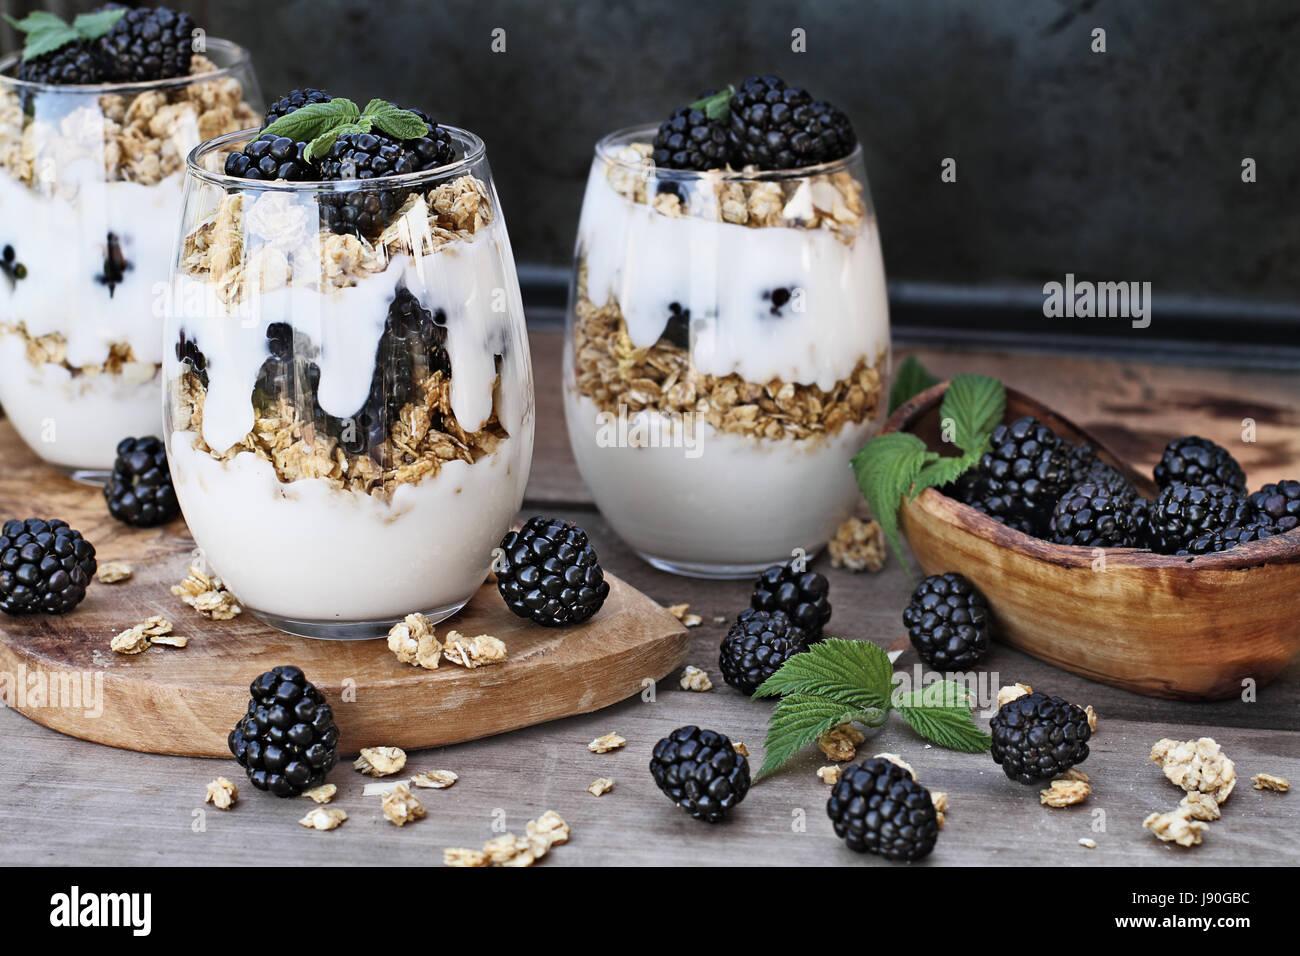 BlackBerry Parfaits mit griechischem Joghurt, Müsli und frischen Brombeeren gemacht. Extrem geringe Schärfentiefe Stockbild